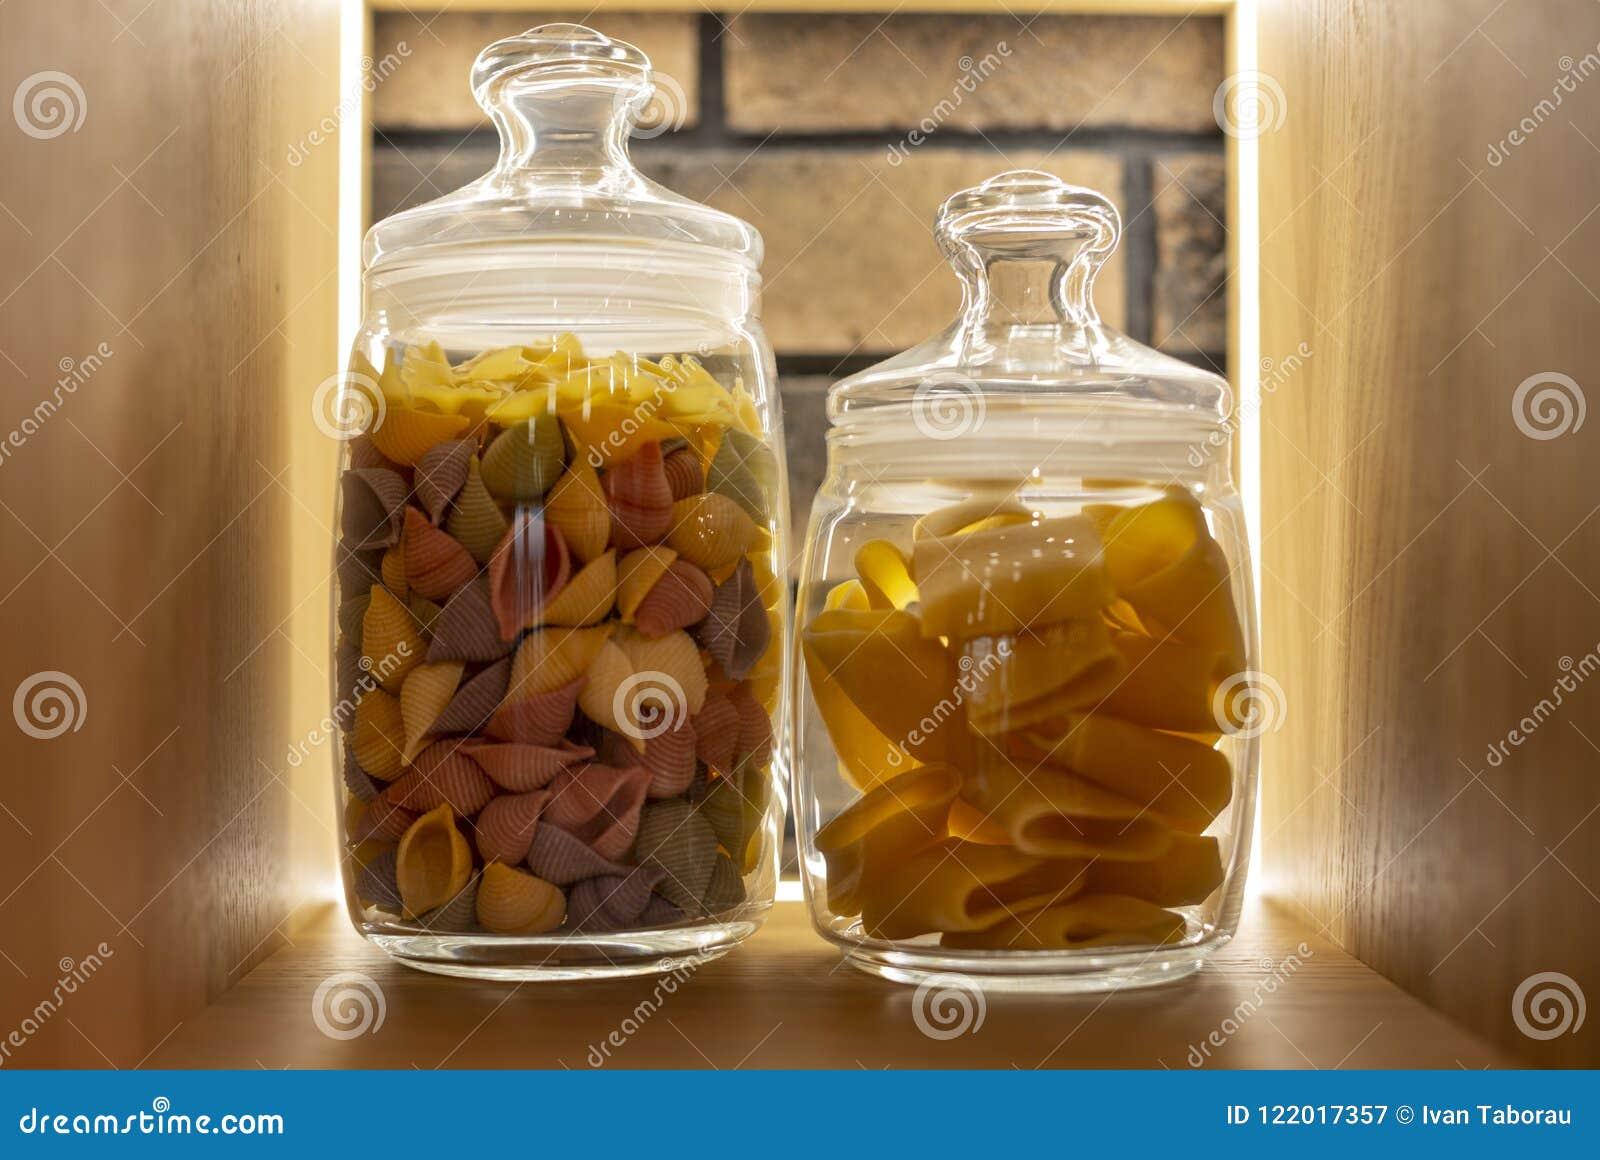 在一个架子的色的面团在现代内部的一个玻璃瓶子